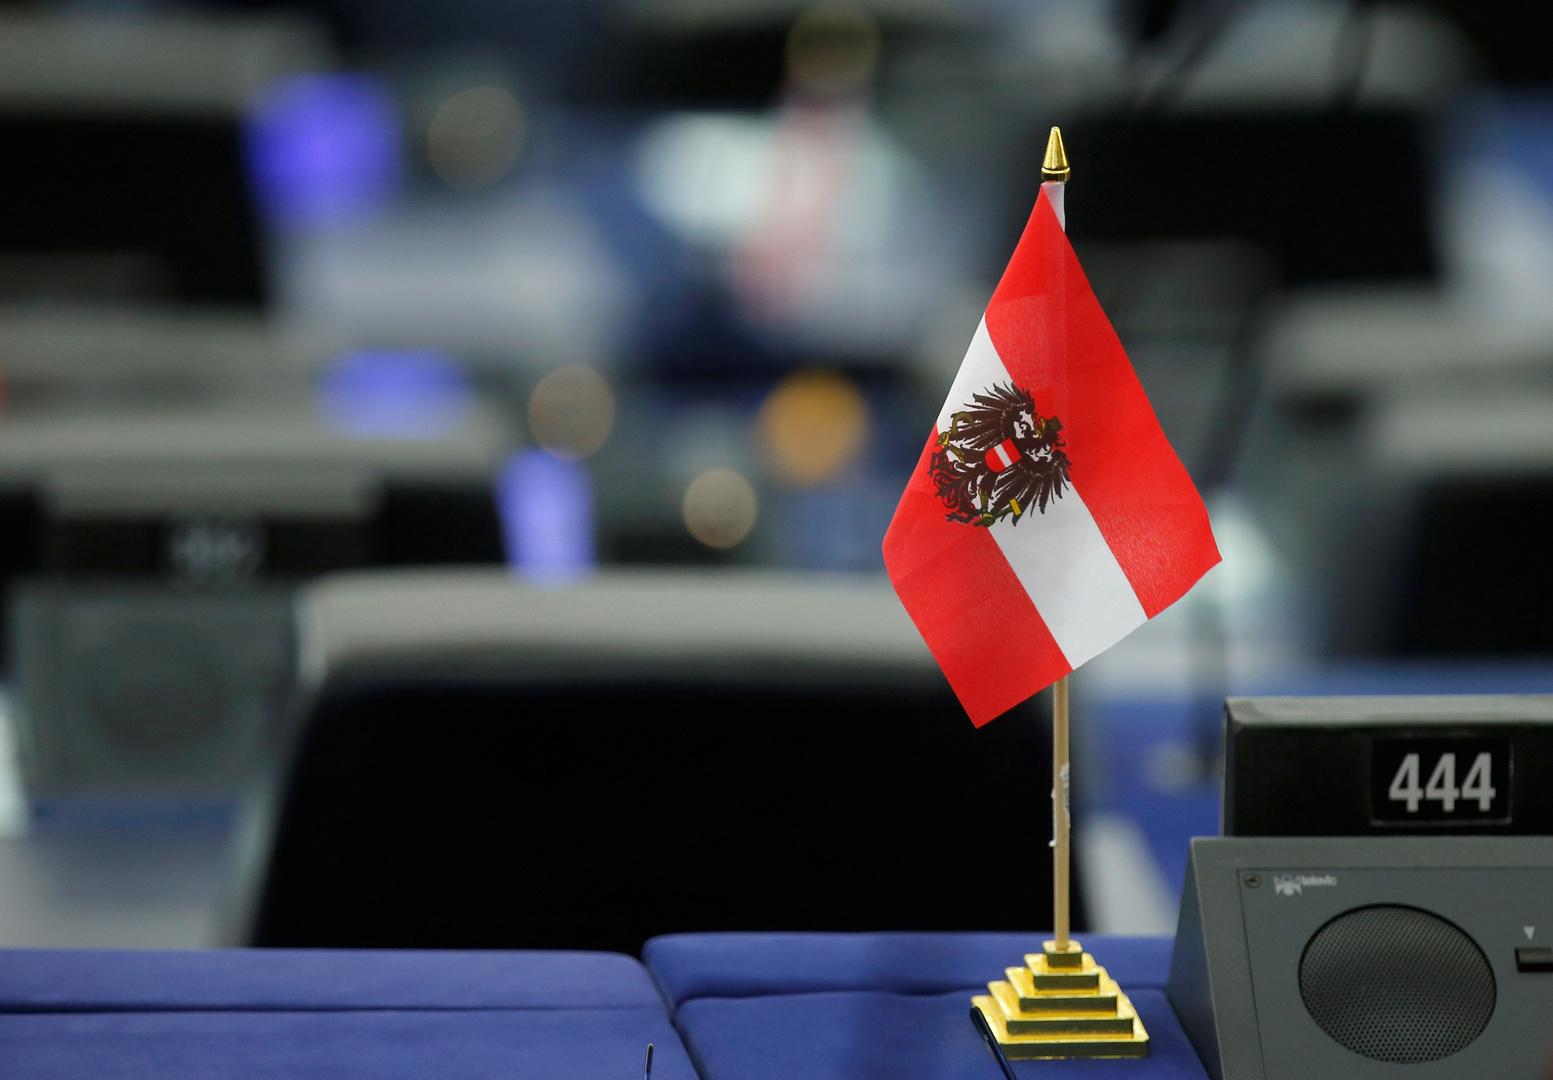 علم النمسا في قاعة الاتحاد الأوروبي